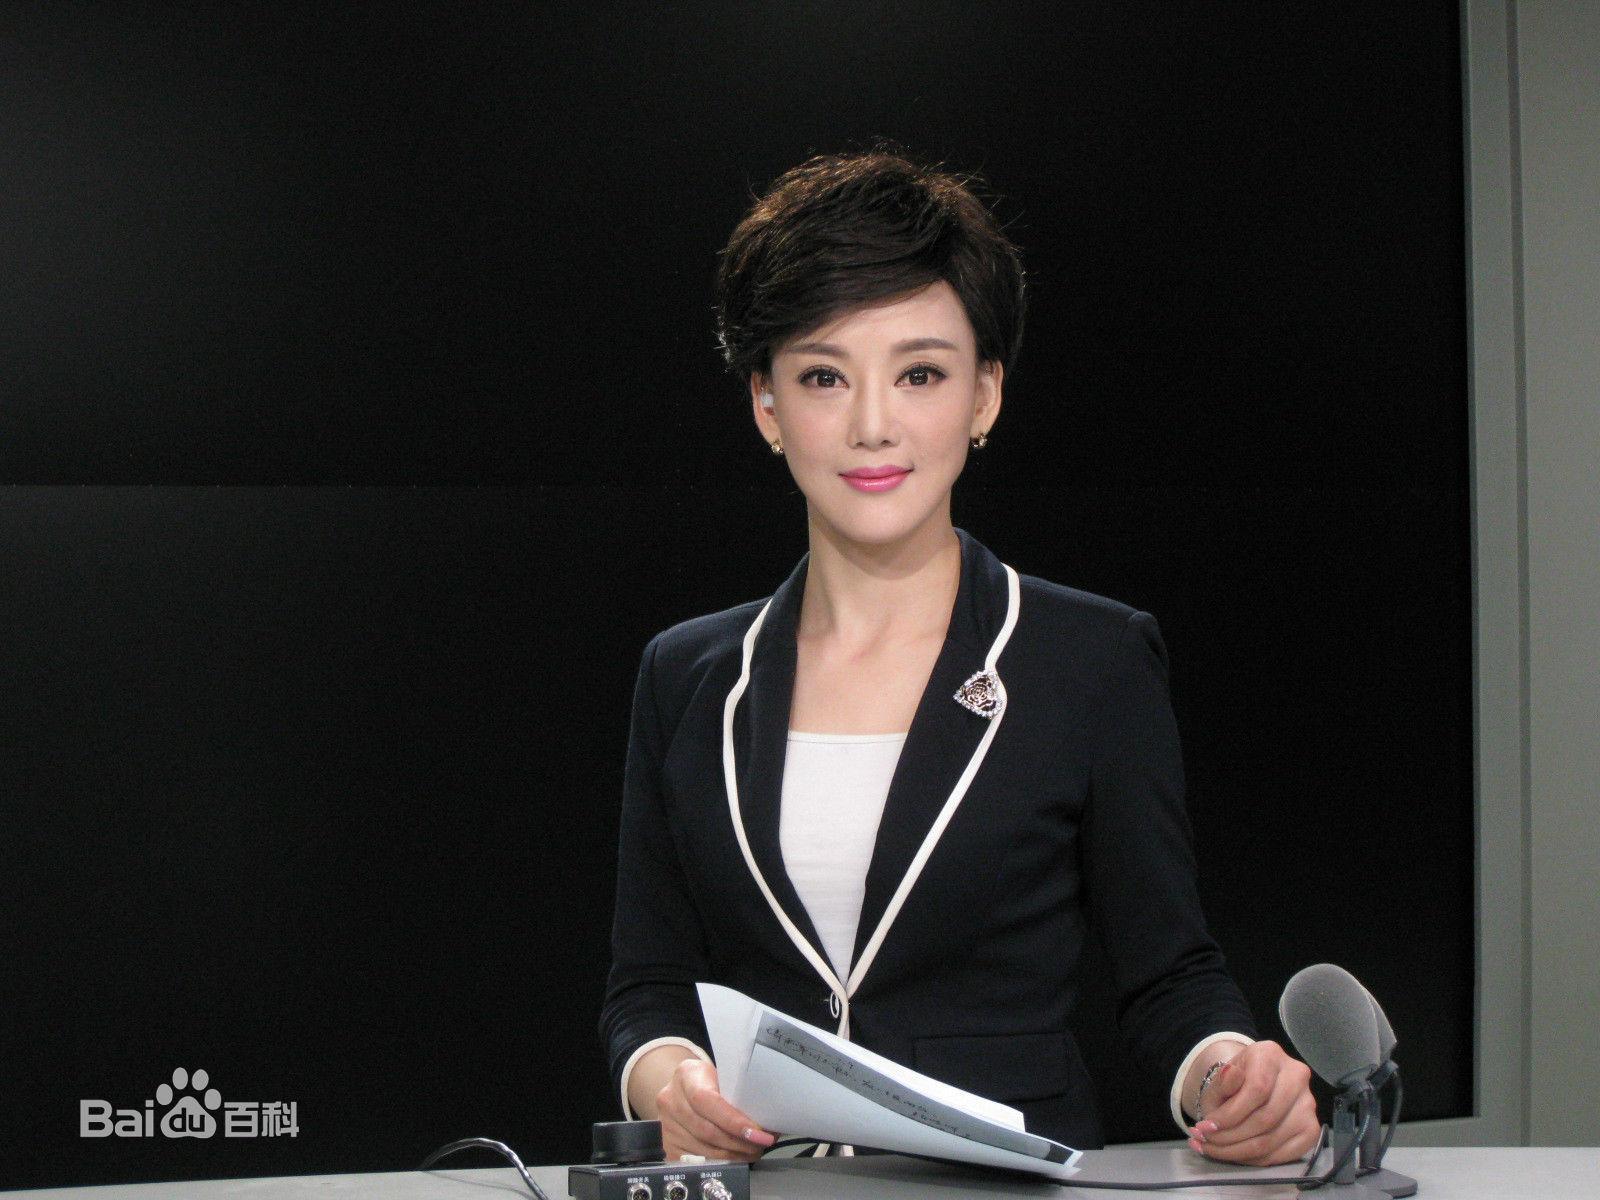 本溪县电视台主持人